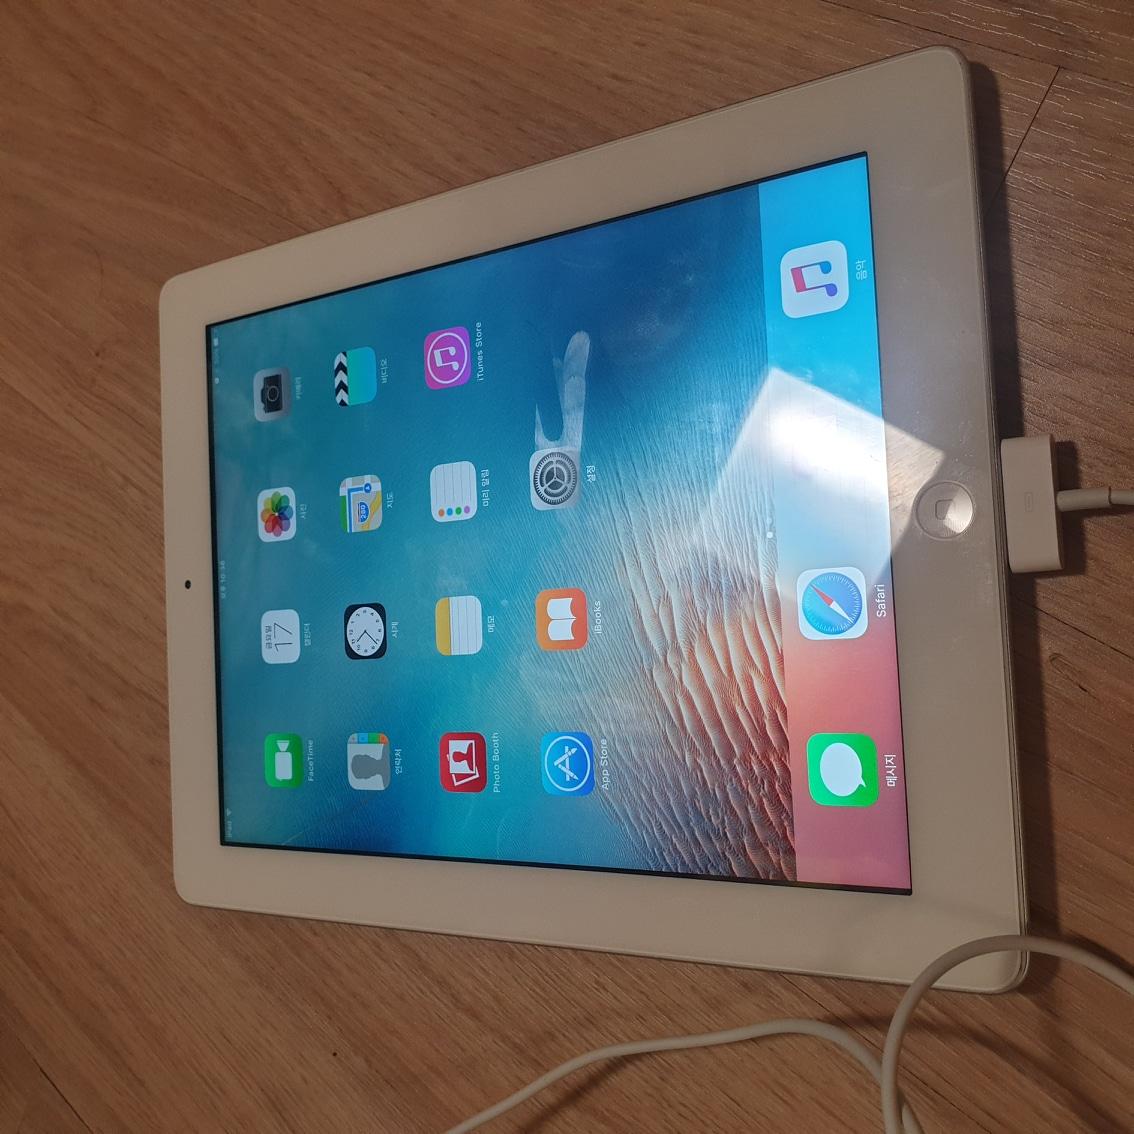 뉴아이패드(아이패드3) 16G wifi/ 충전케이블 포함 / 동탄직거래 /택배가능